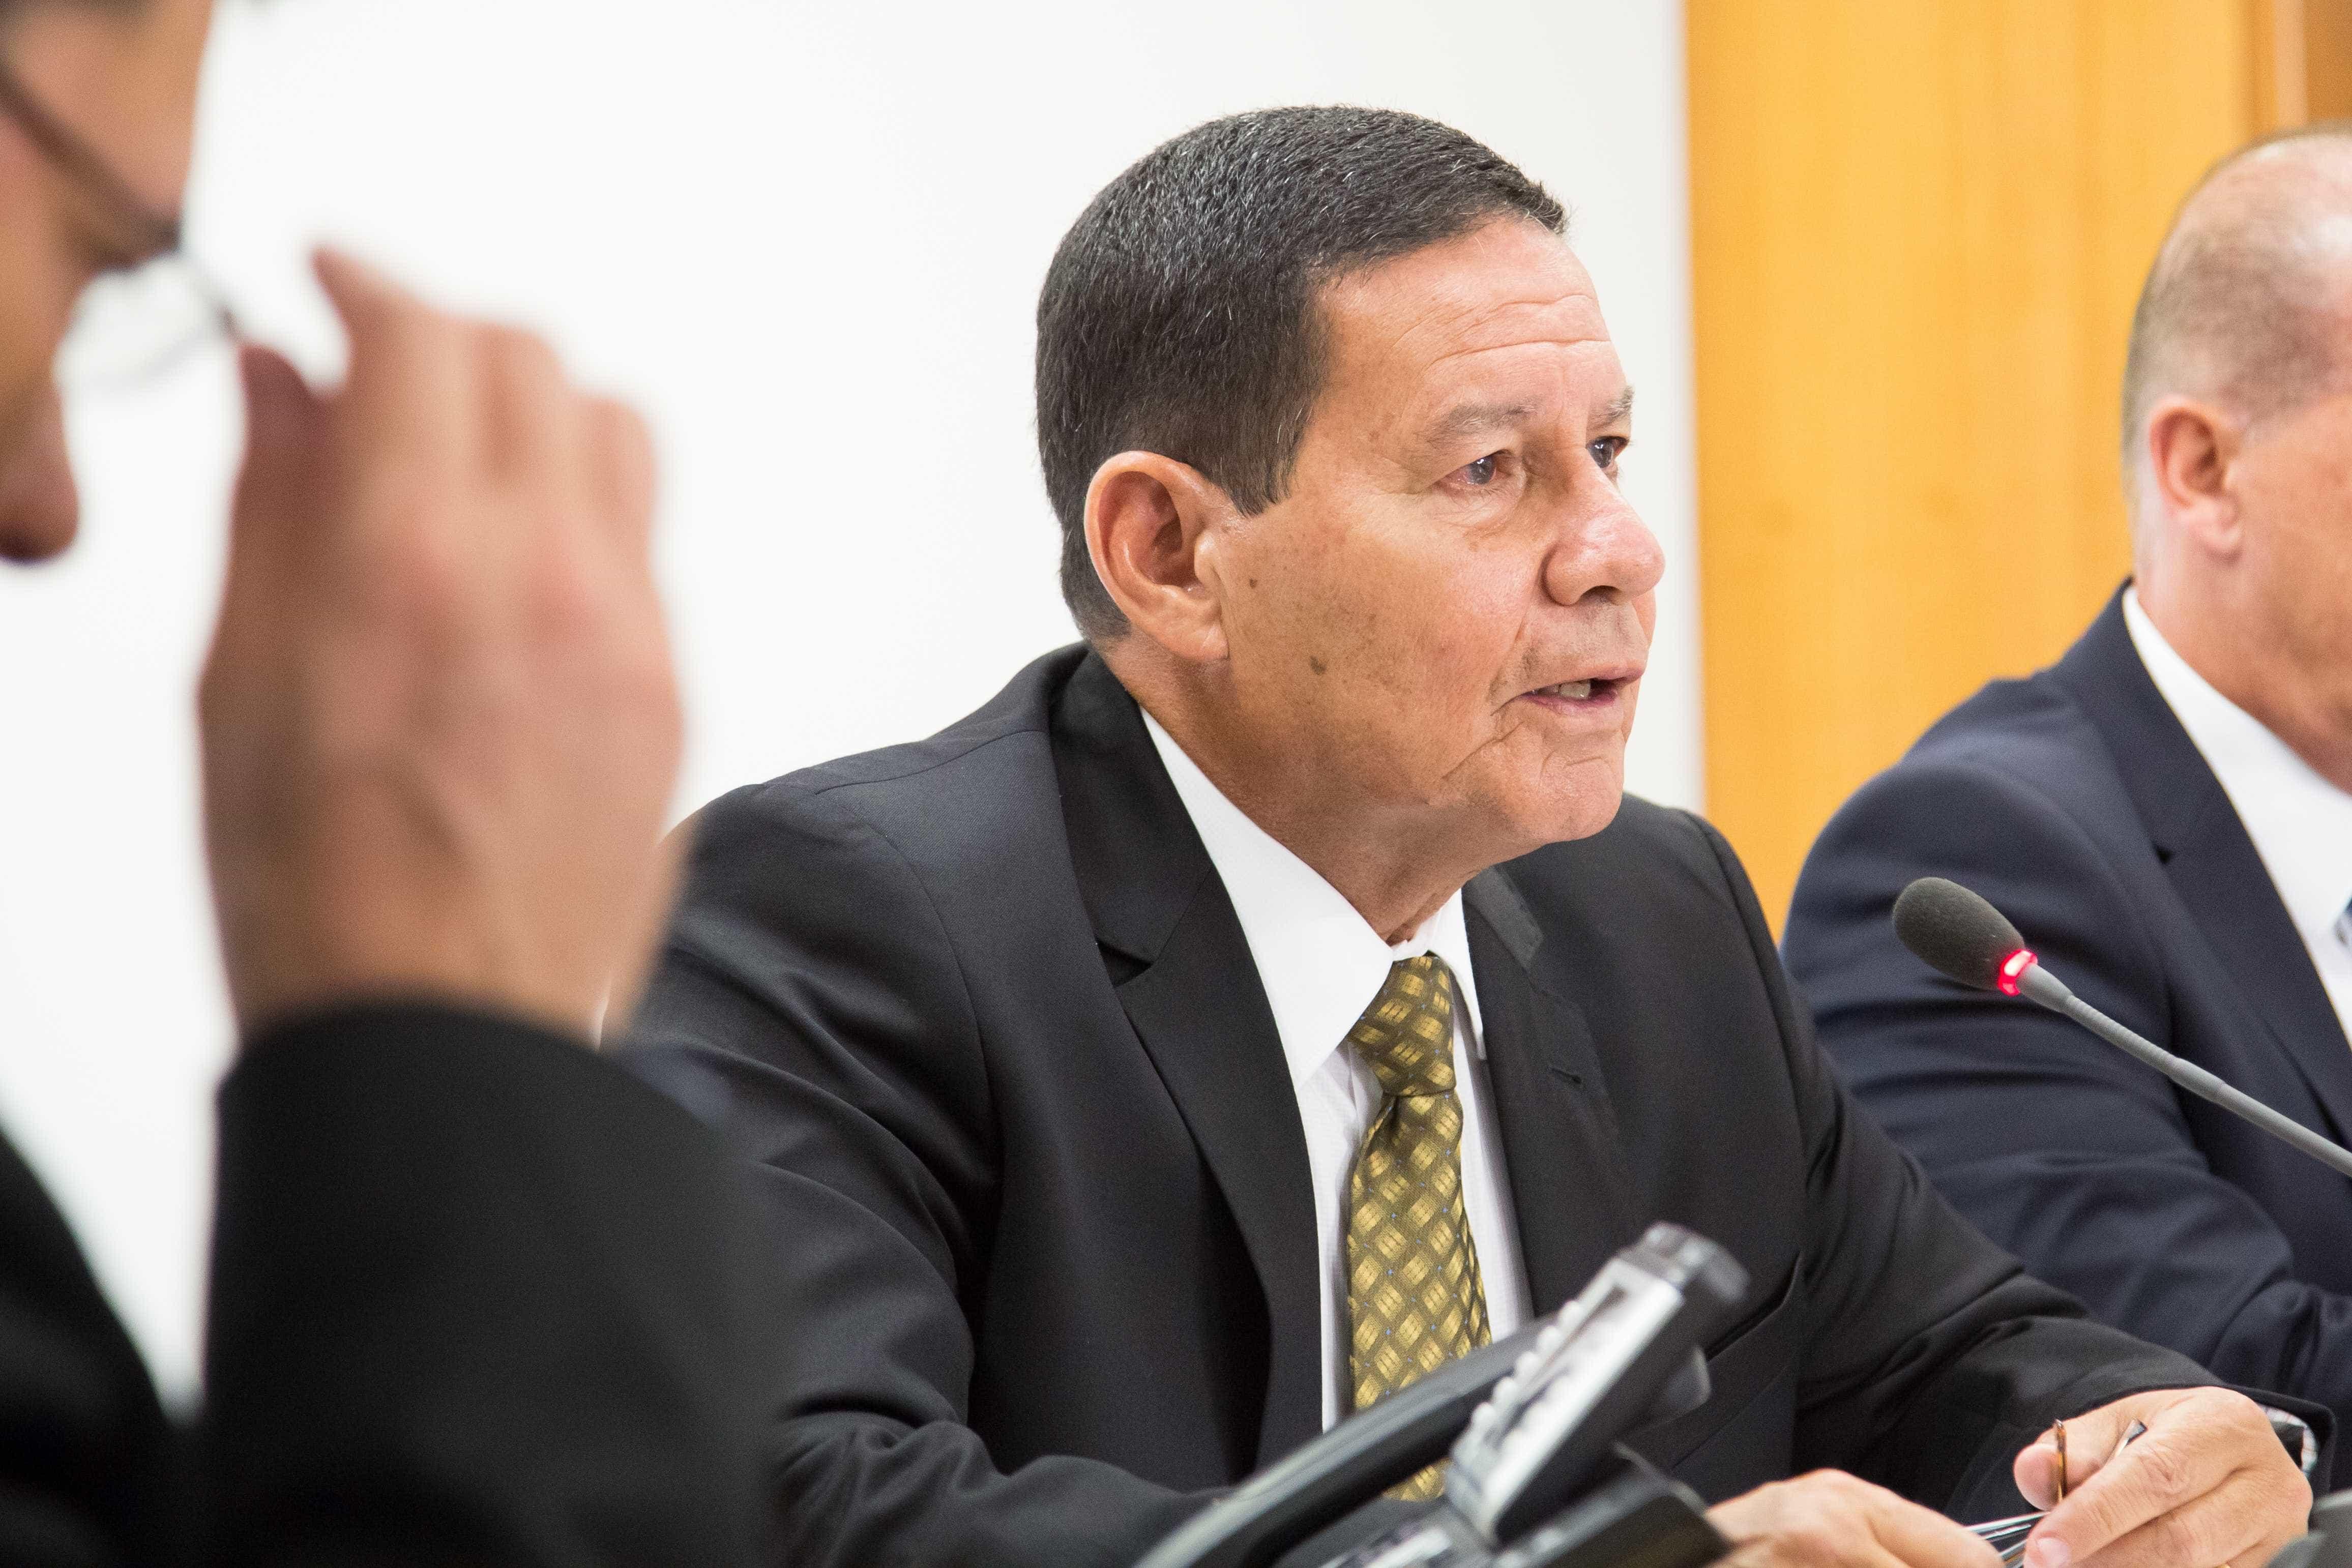 'Coitado do Lula', diz Mourão sobre nova condenação do ex-presidente